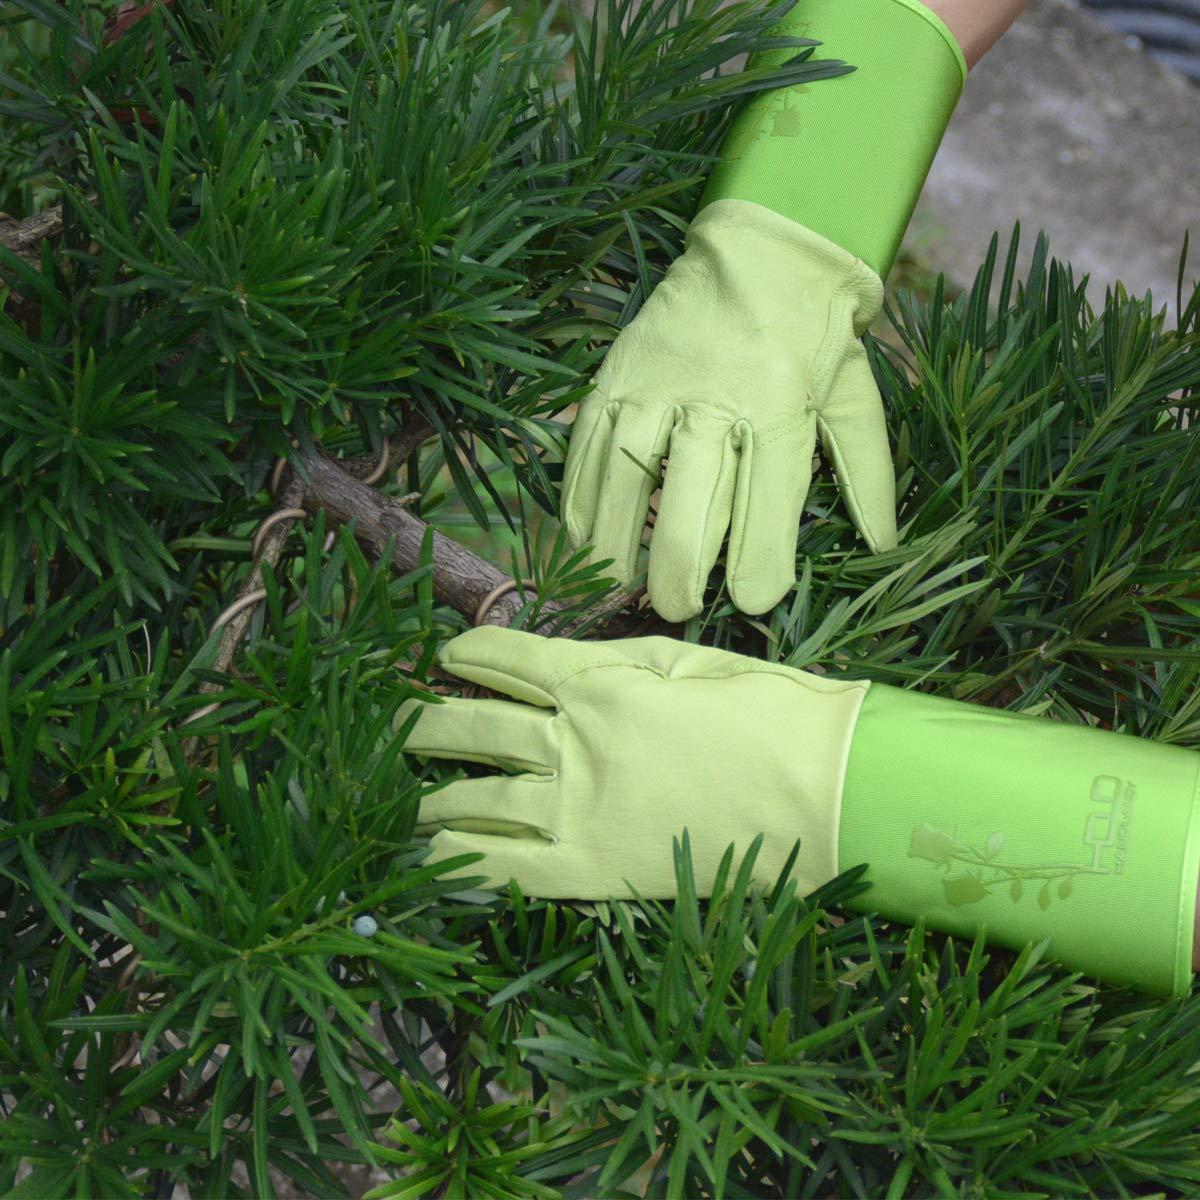 Guanti professionali da giardinaggio per potatura di rose M guanti da donna con durevole spessore Piskin e a prova di spada e taglio con protezione lungo avambraccio 1 Green